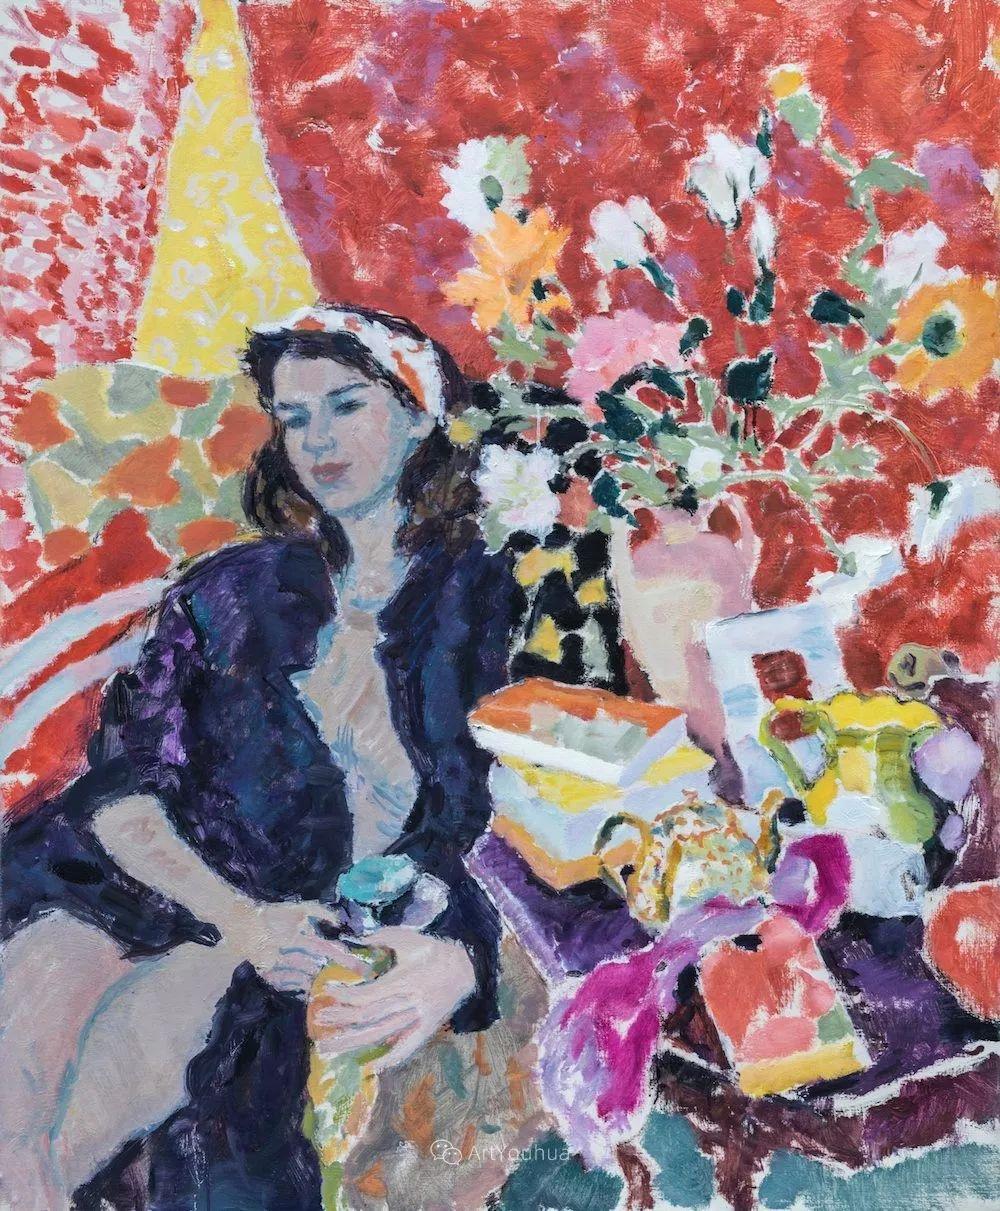 色彩和阳光的交响曲,英国著名浪漫主义画家:雨果·格伦维尔 150幅插图147